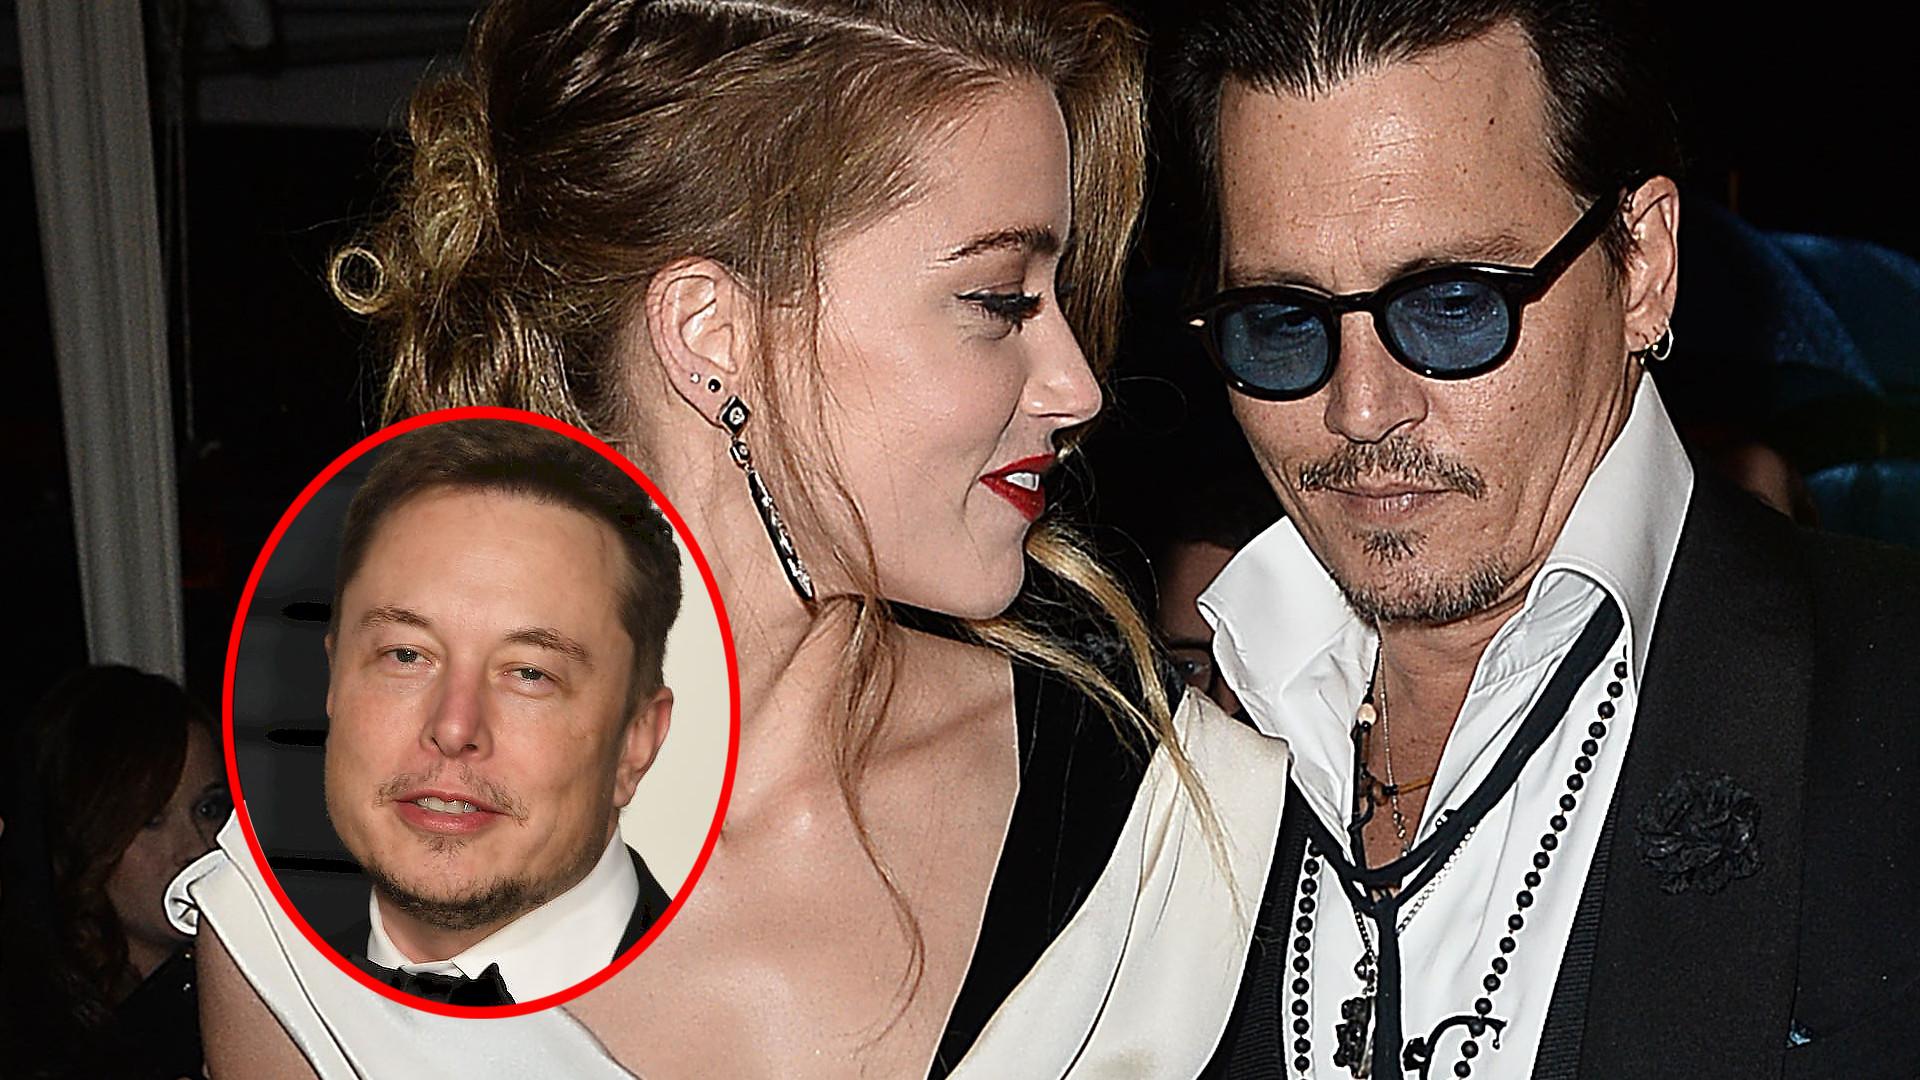 Johnny Depp POZYWA Amber Heard i twierdzi, że ZDRADZAŁA go z Elonem Muskiem